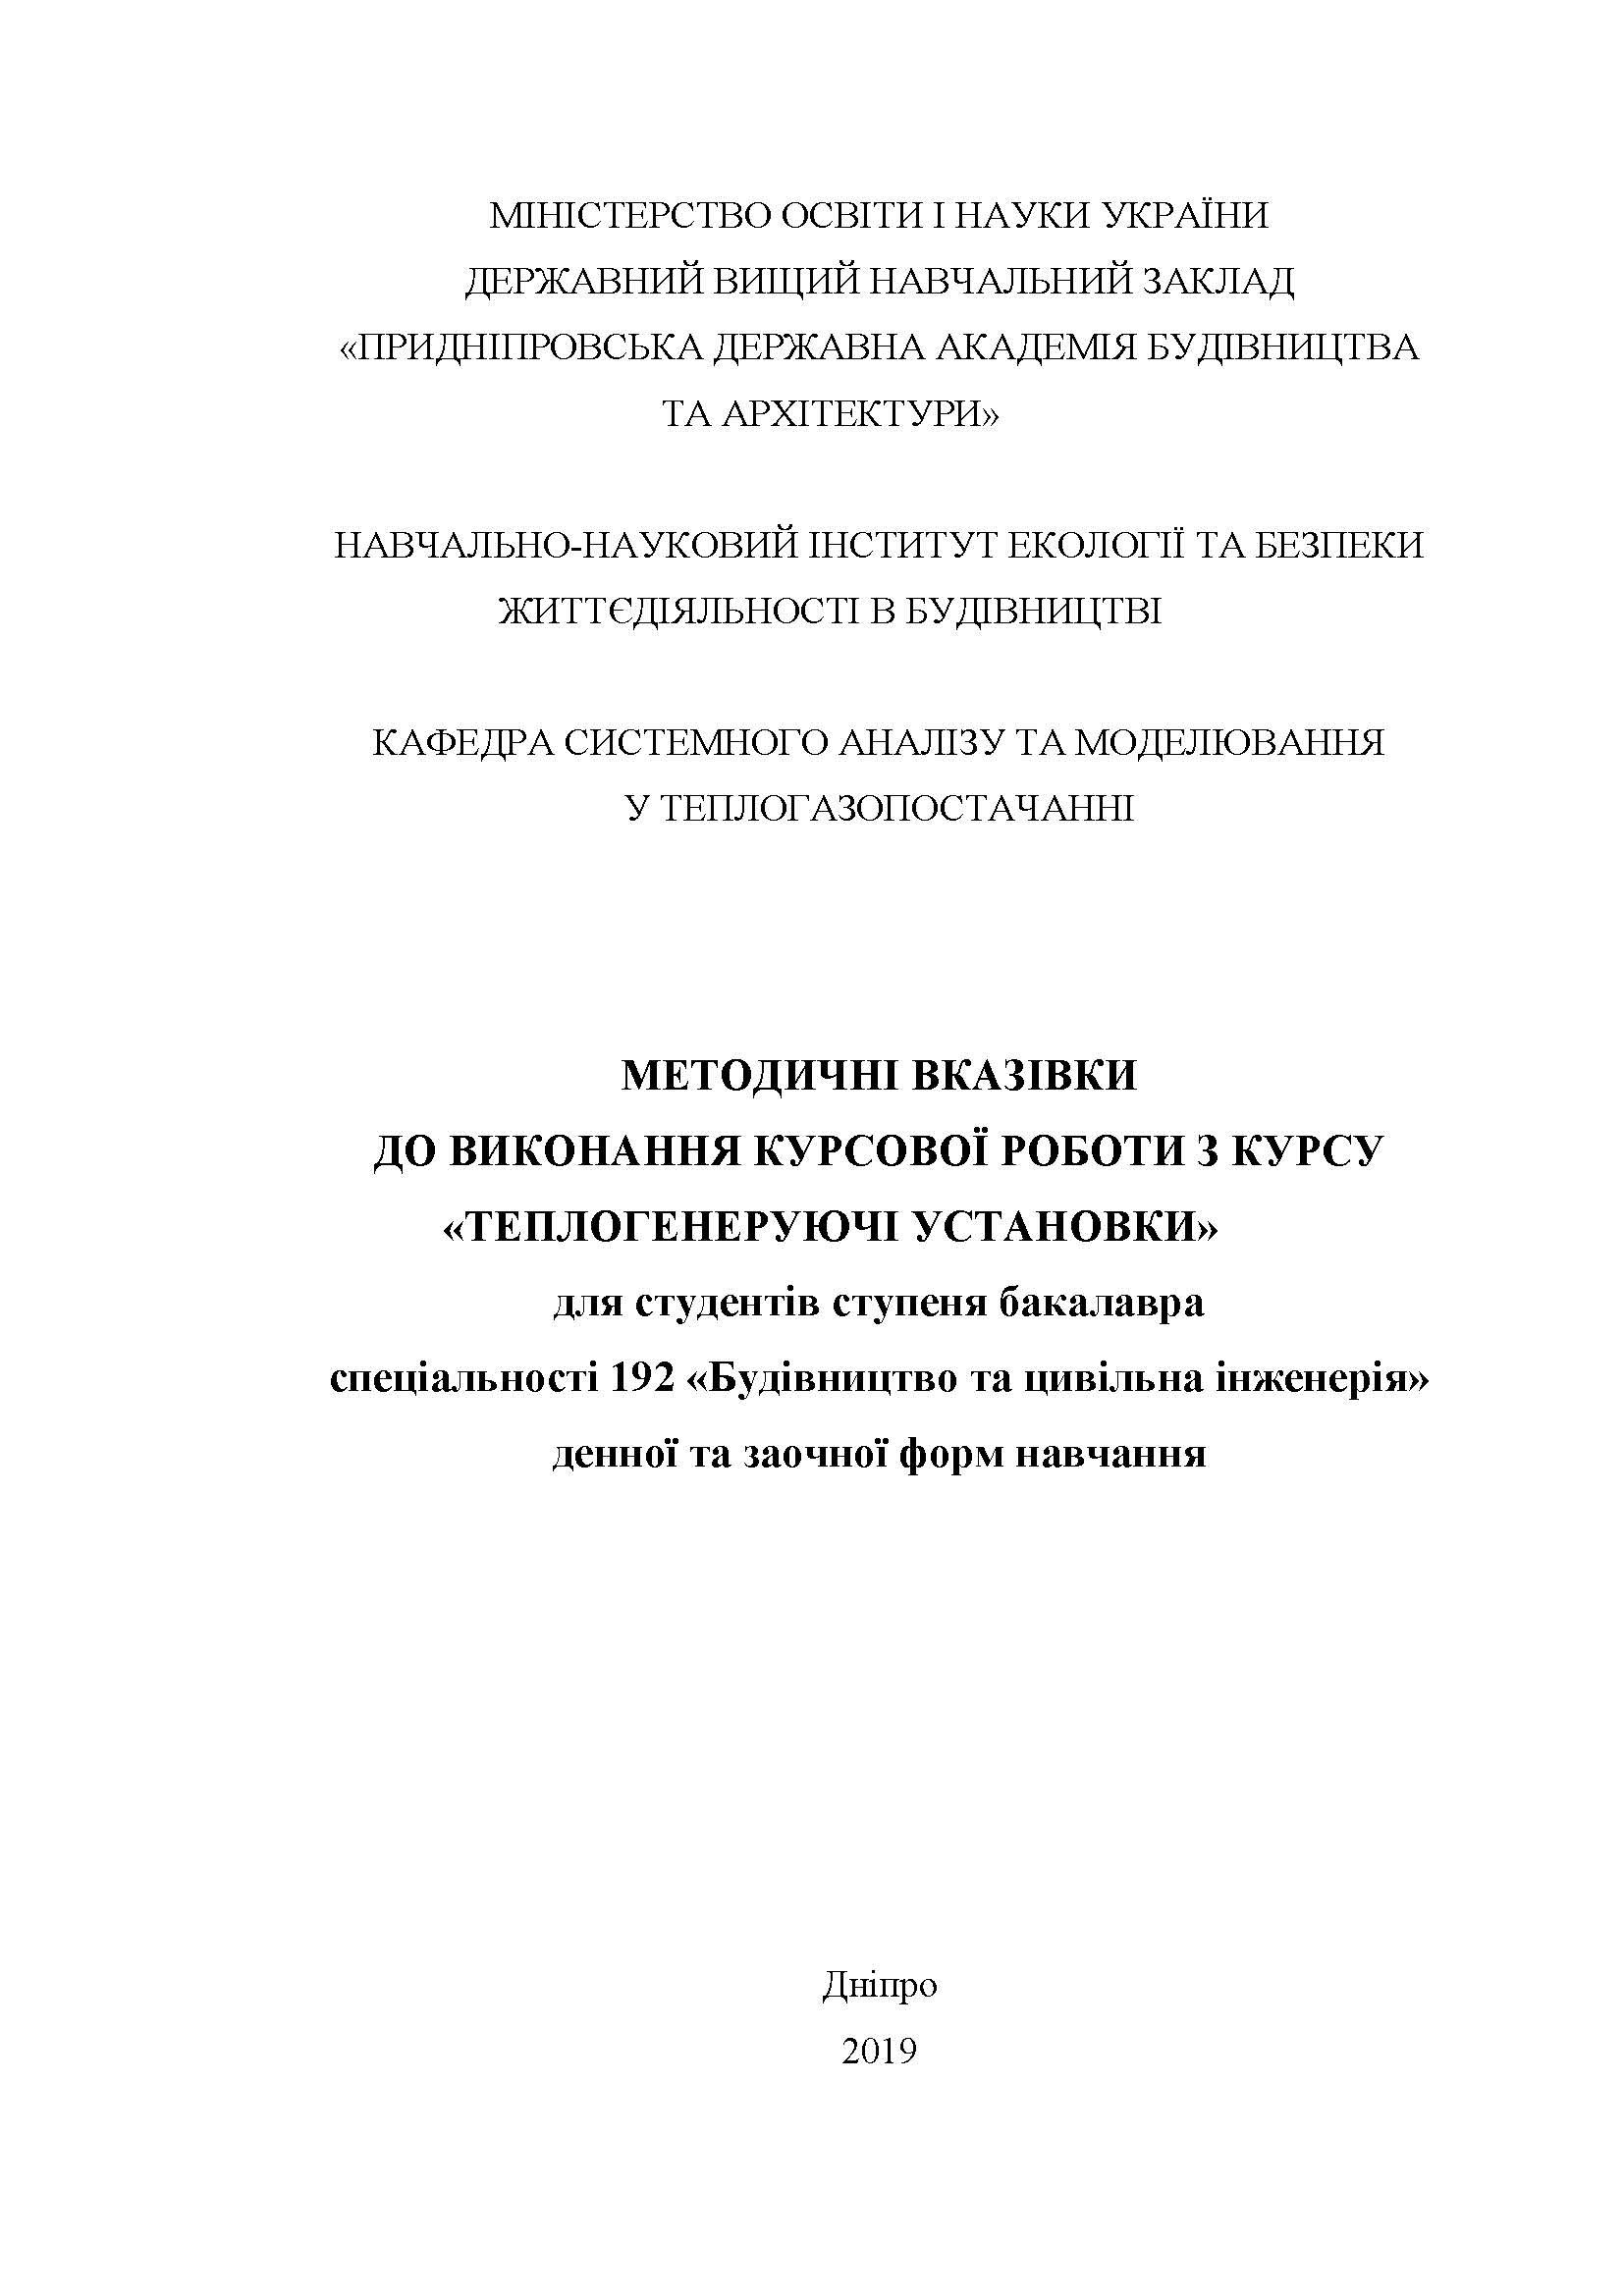 Методичні вказівки до виконання курсової роботи з курсу «Теплогенеруючі установки», 2019